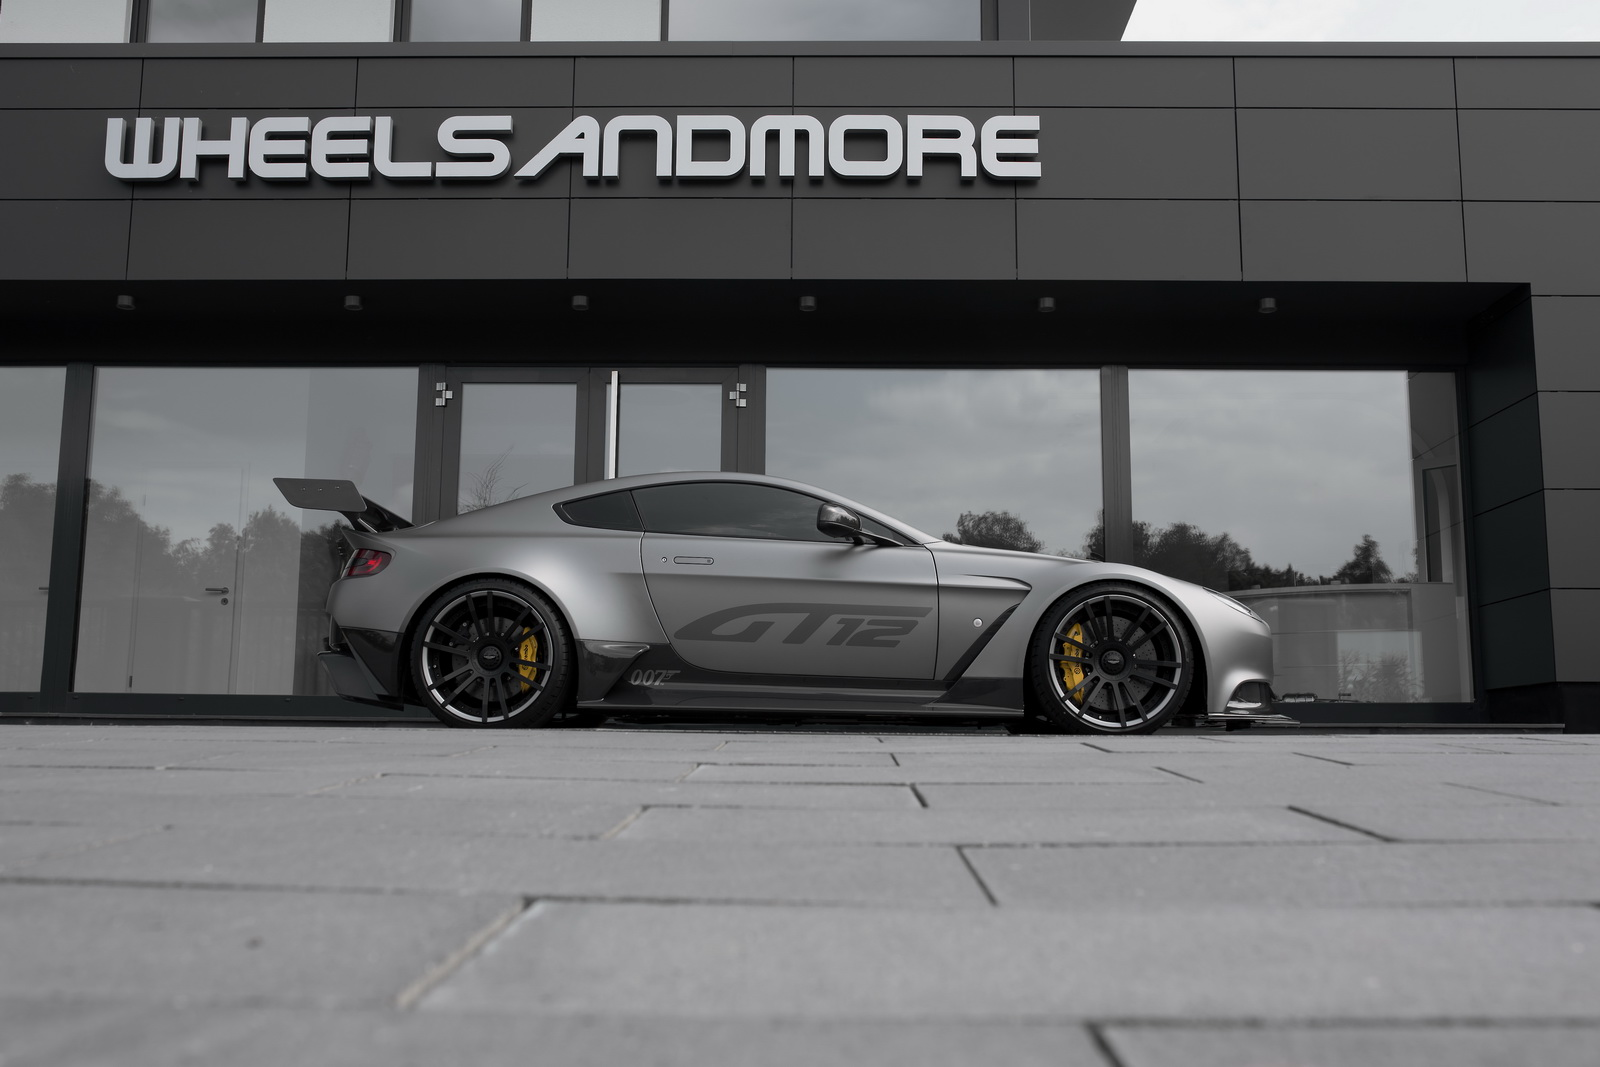 2016-aston-martin-gt12-wheelsandmore-5